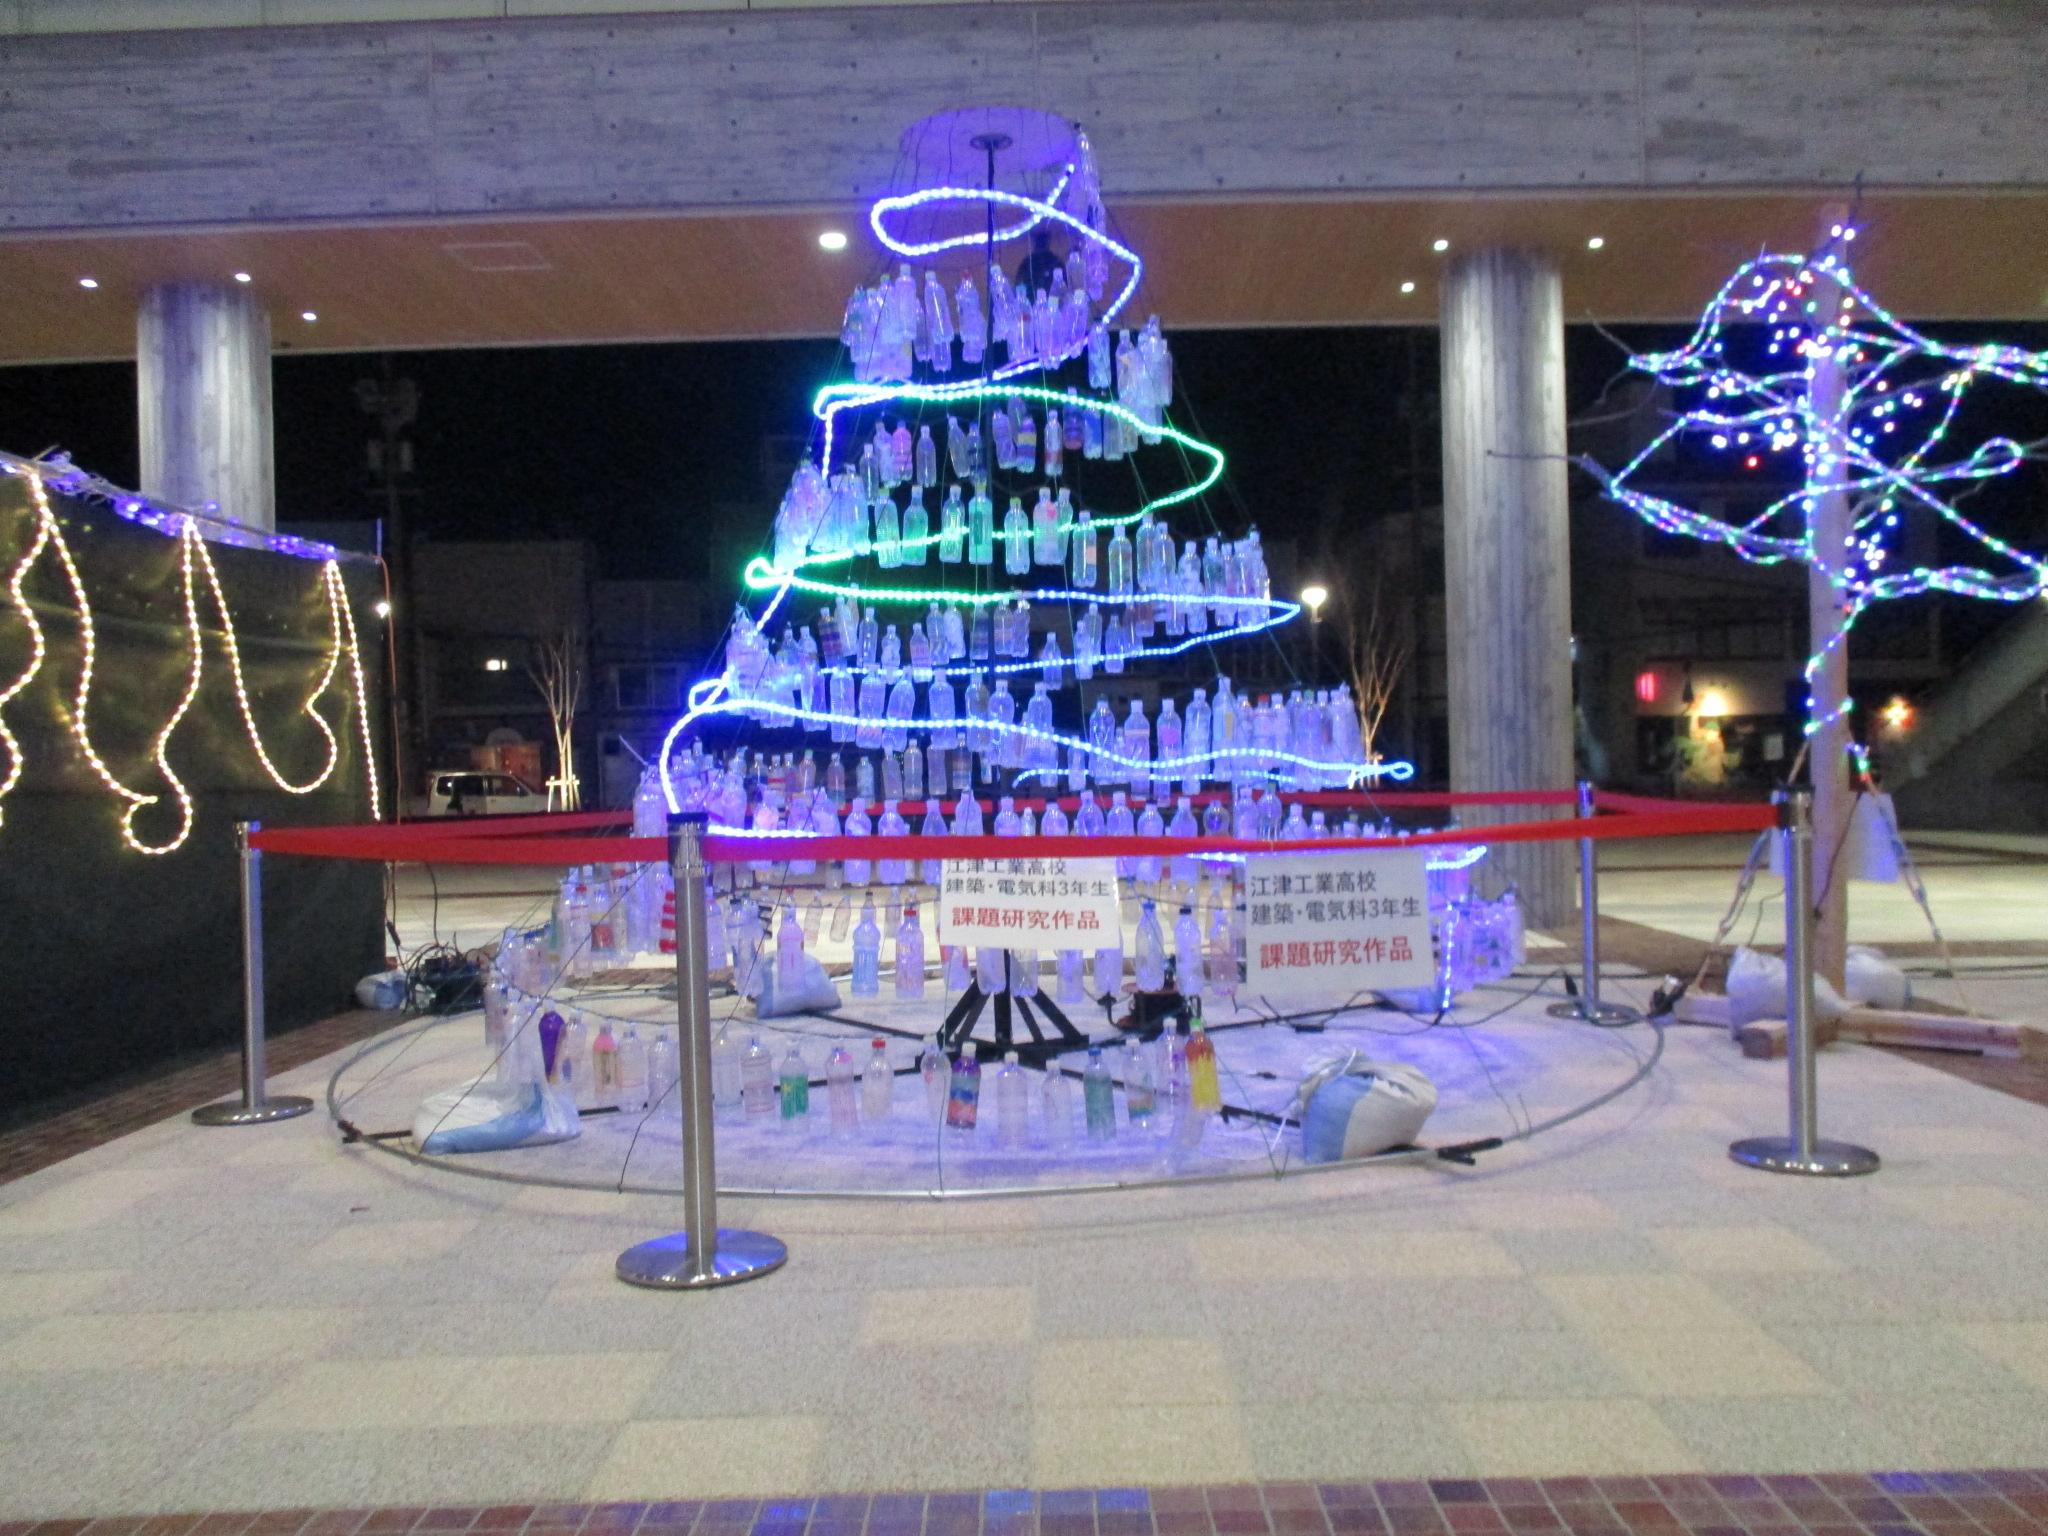 江津工業生作成のイルミネーション、交流広場で点灯中